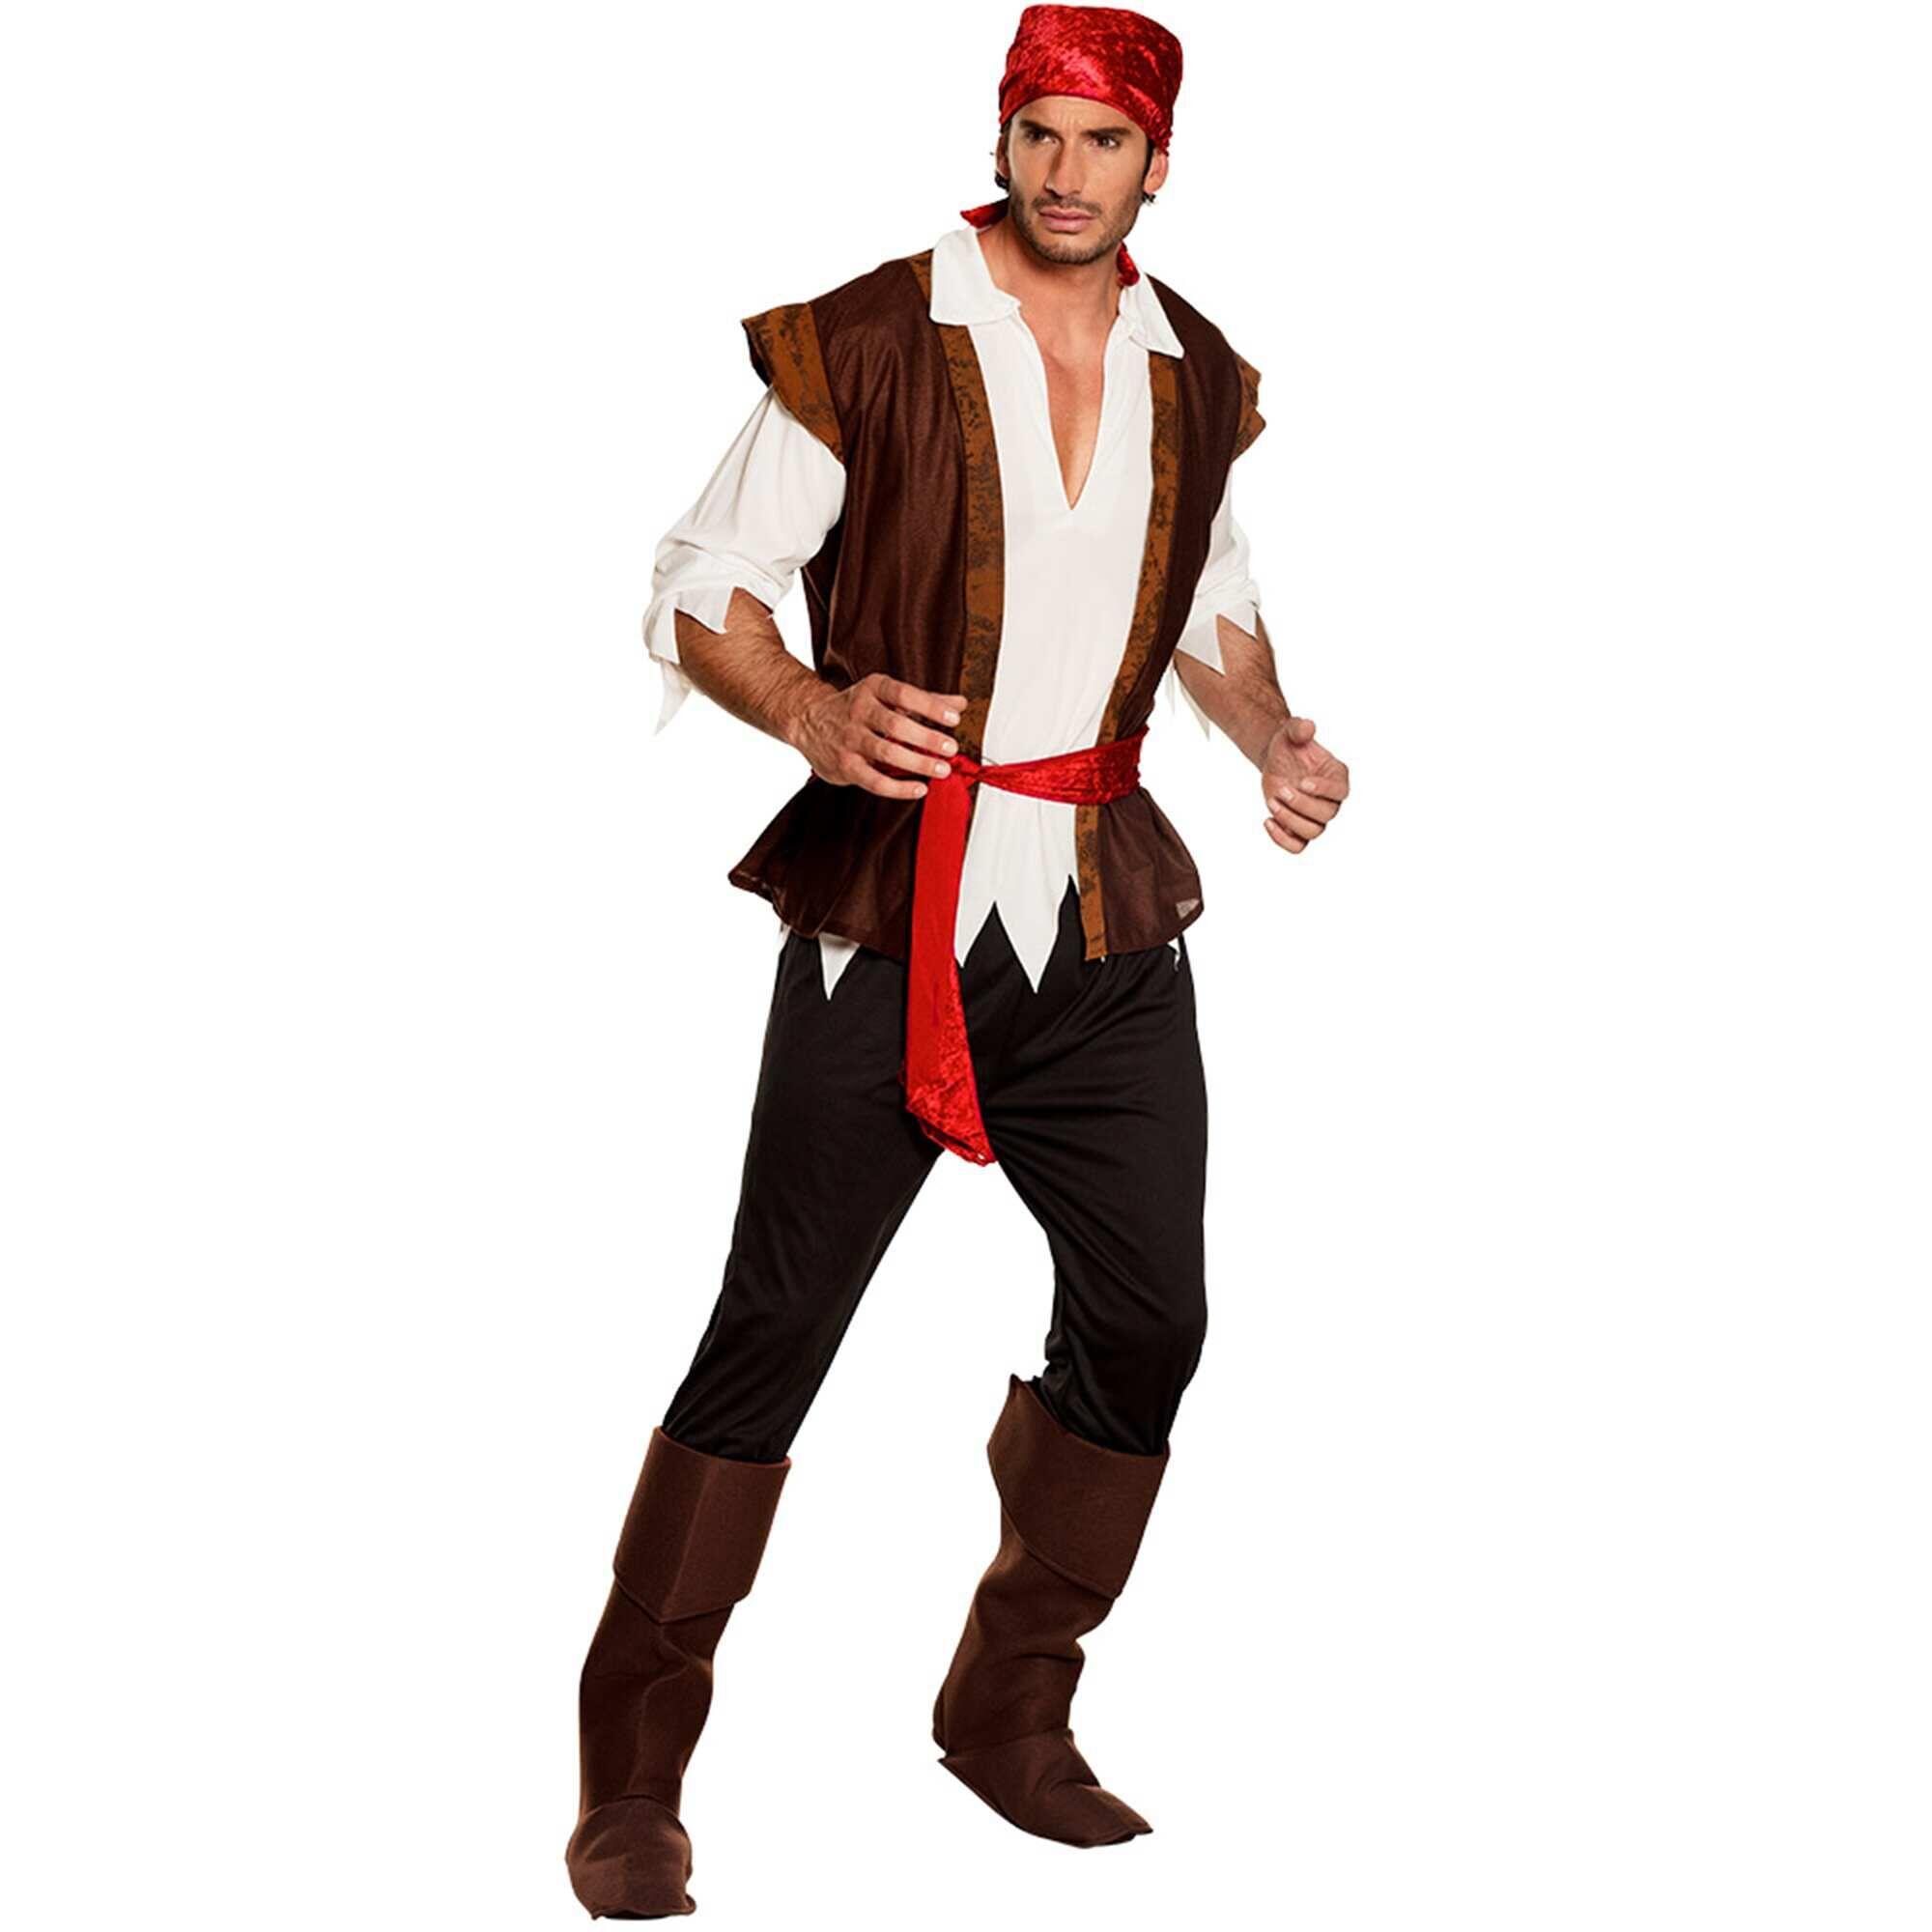 80cdd615c2de6 Disfraz de pirata Hombre - marrón - Kiabi - 23